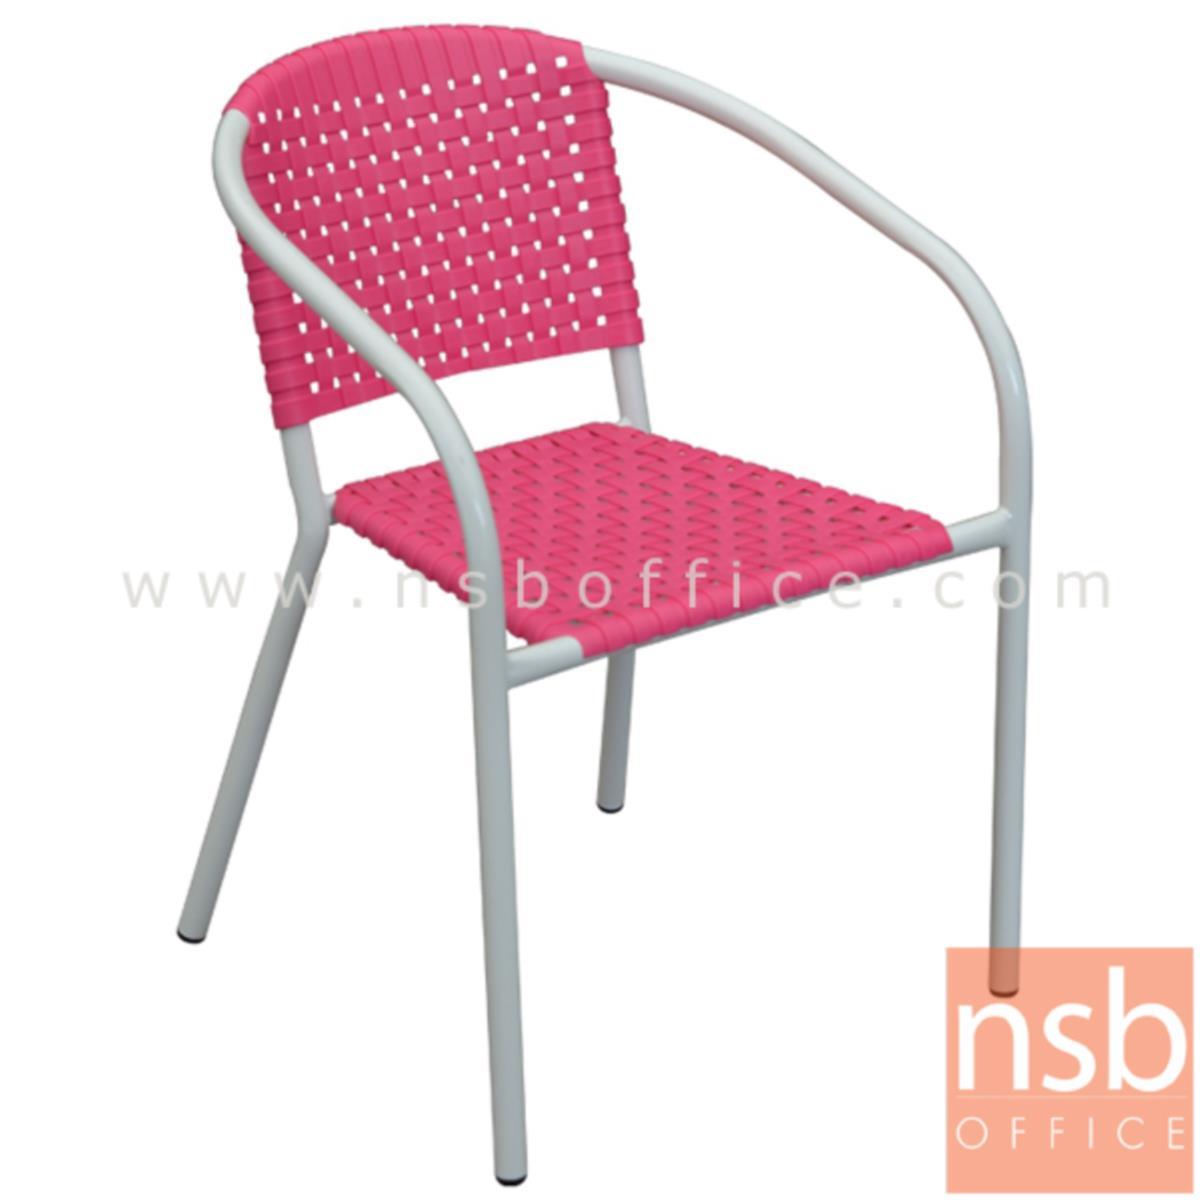 B05A162:เก้าอี้อเนกประสงค์พลาสติก รุ่น Prentice (เพรนทิส)  โครงขาเหล็กพ่นเงา